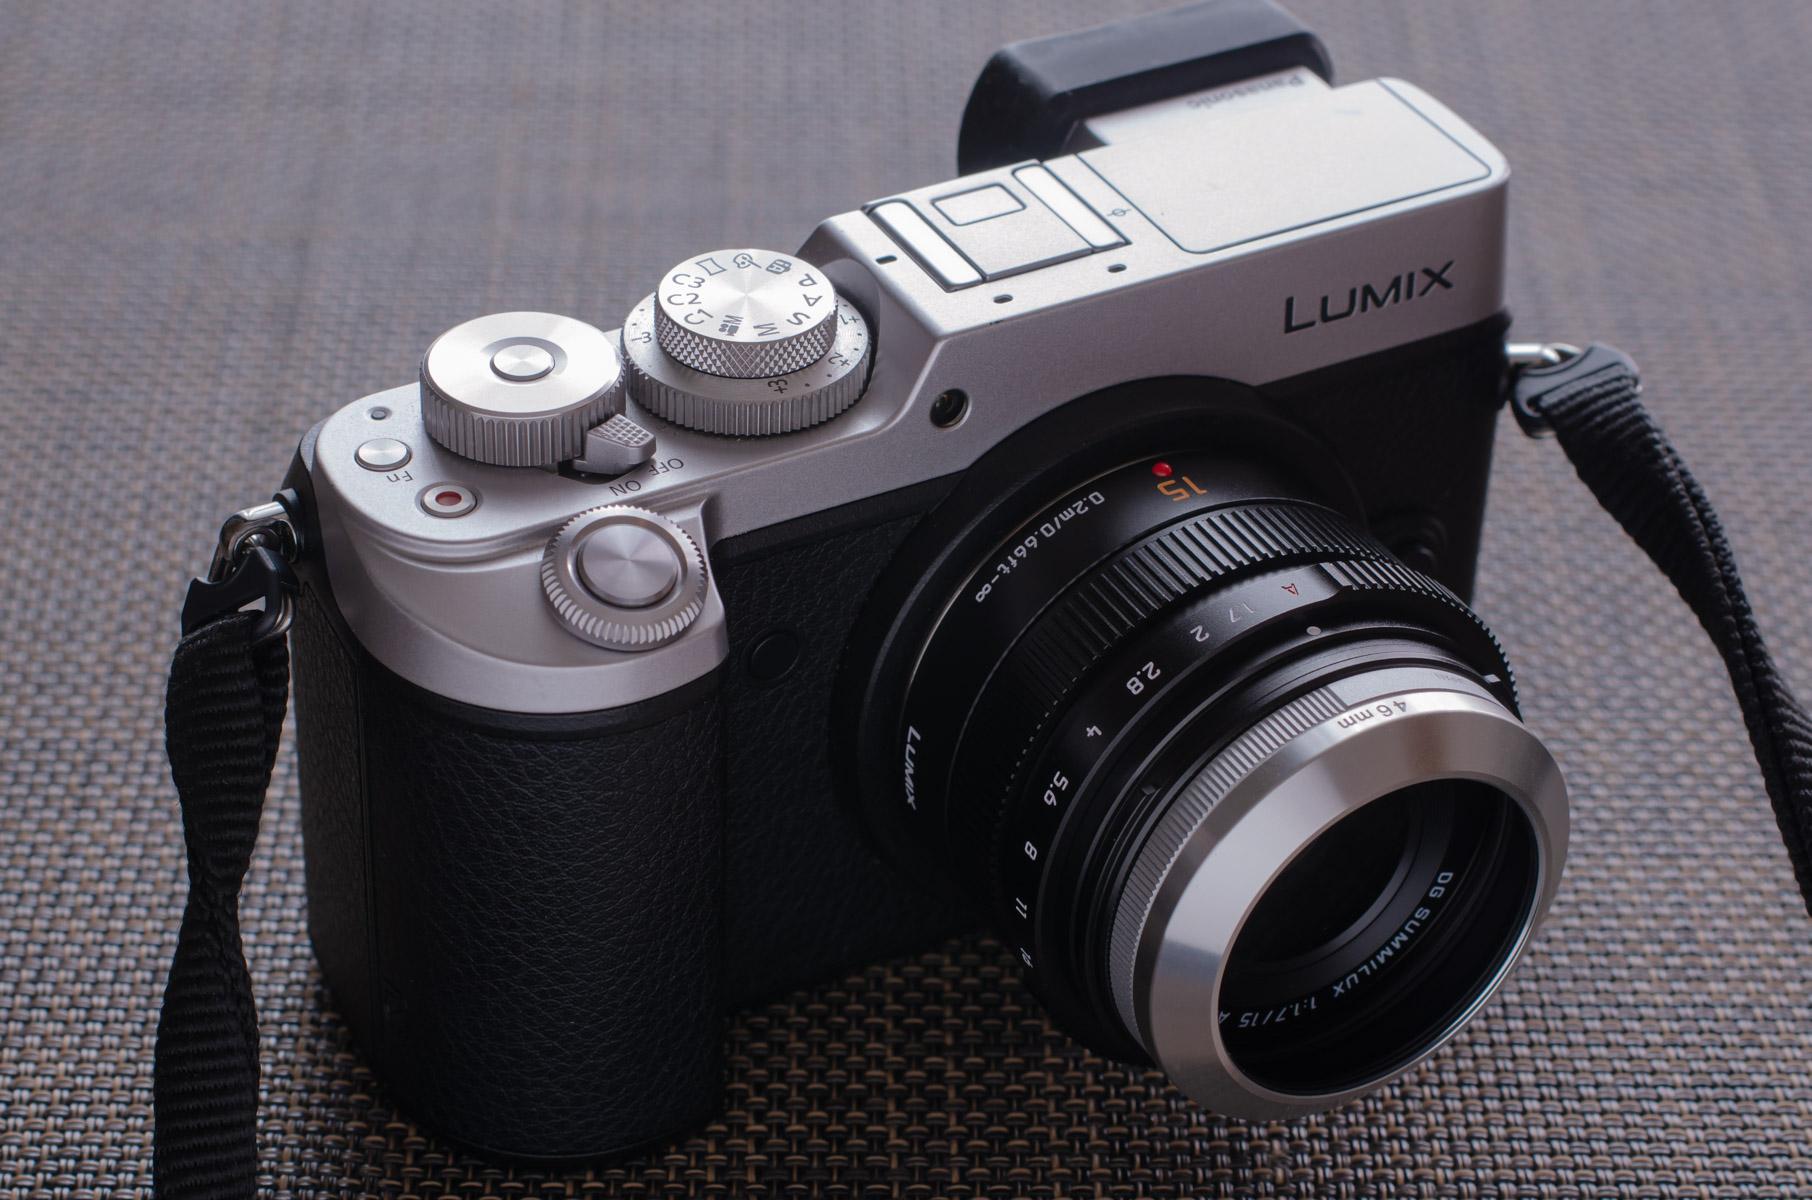 DMC-GX8にLEICA DG 15mm、プロテクトフィルター、ETSUMI メタルインナーフードをセット